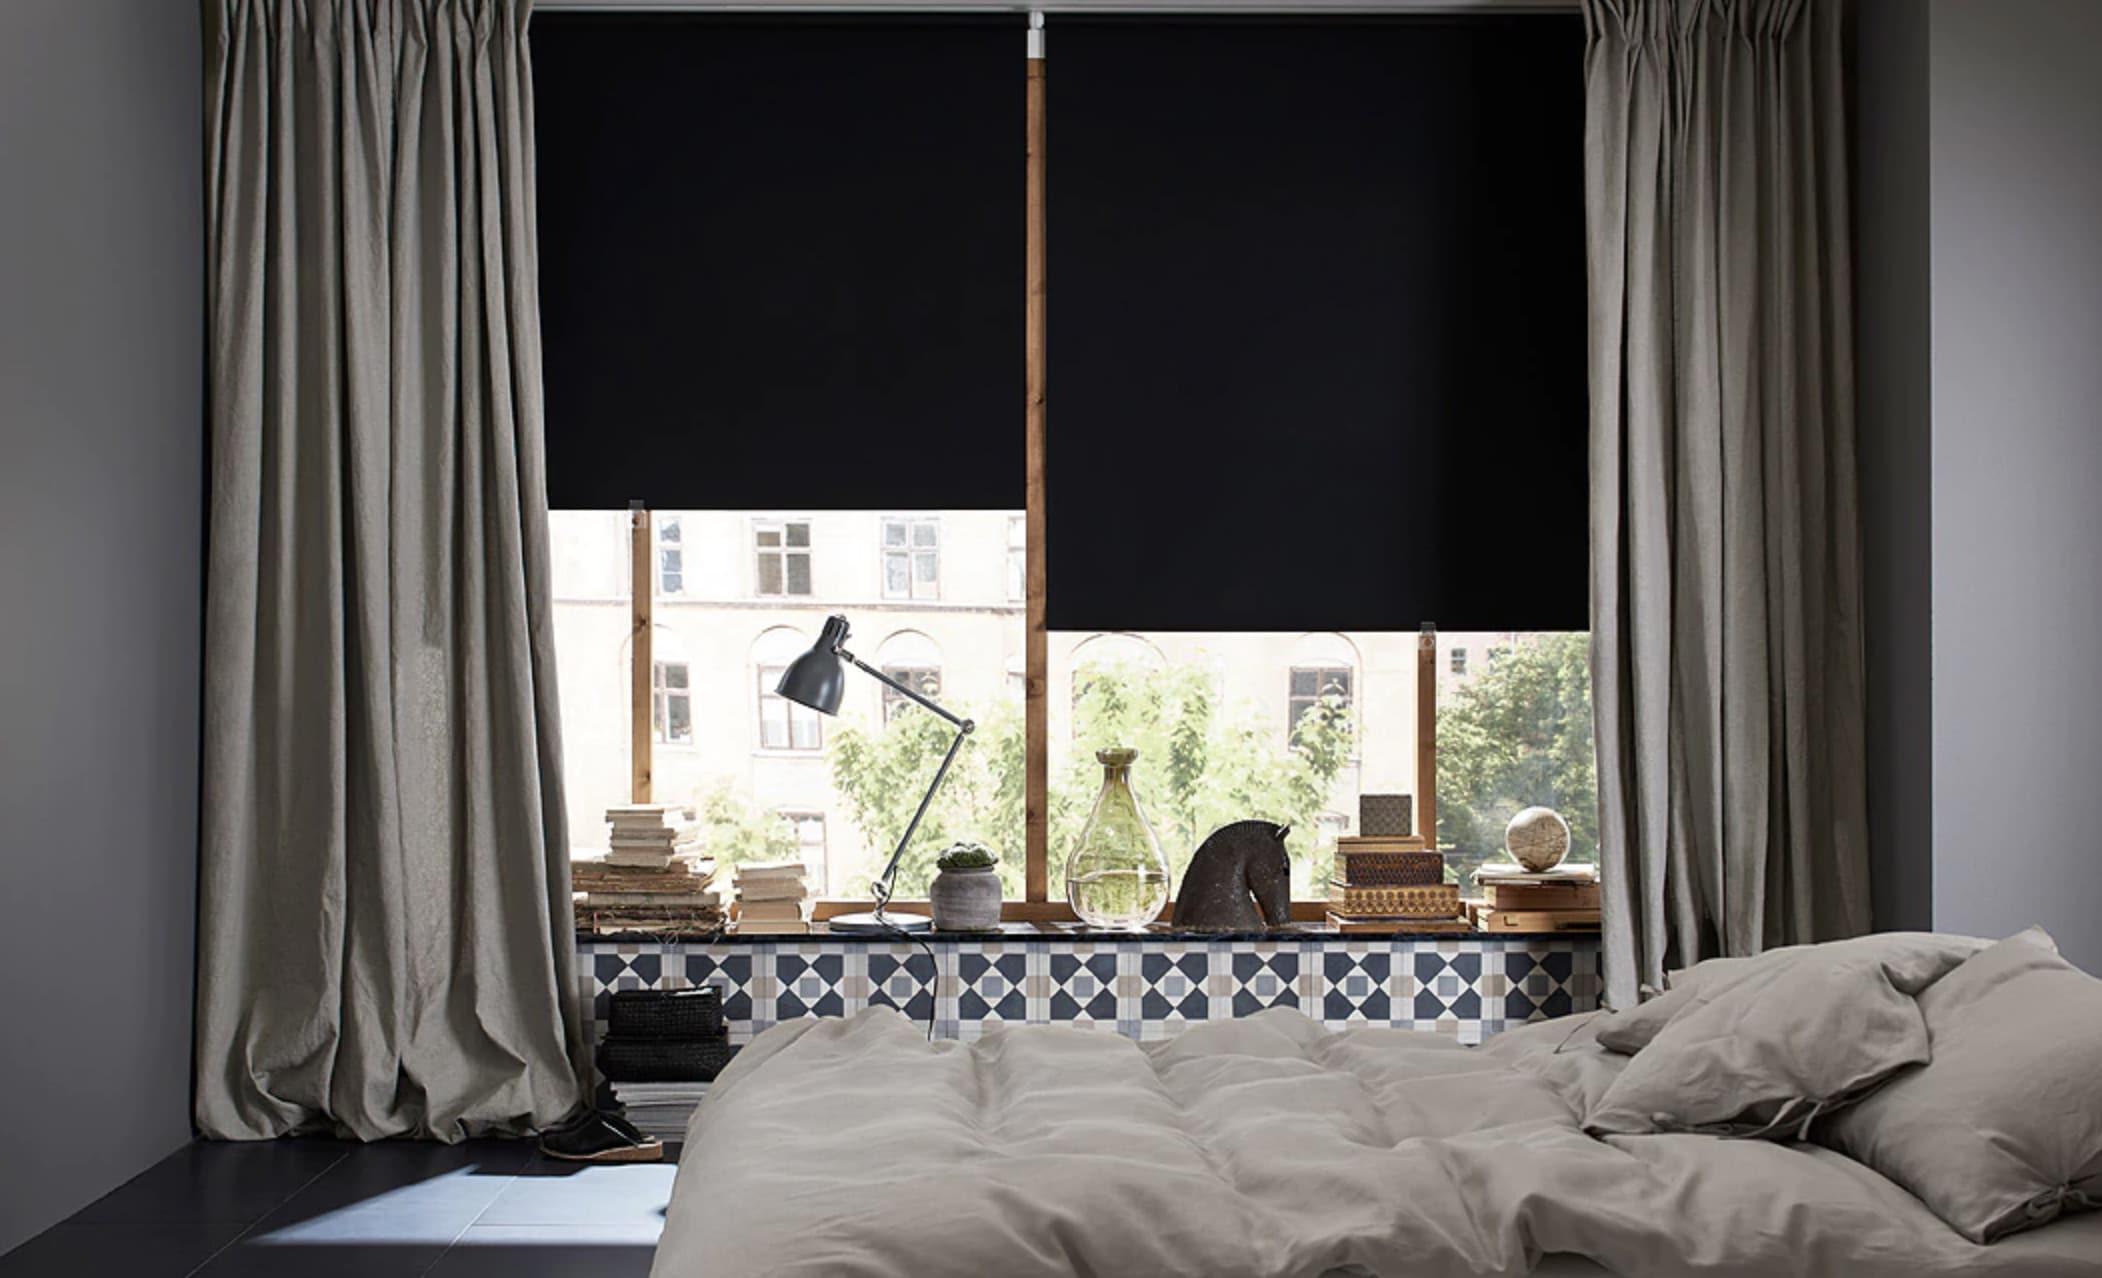 IKEA bestätigt Gerüchte: HomeKit Rollosteuerung kommt im Frühjahr 2019